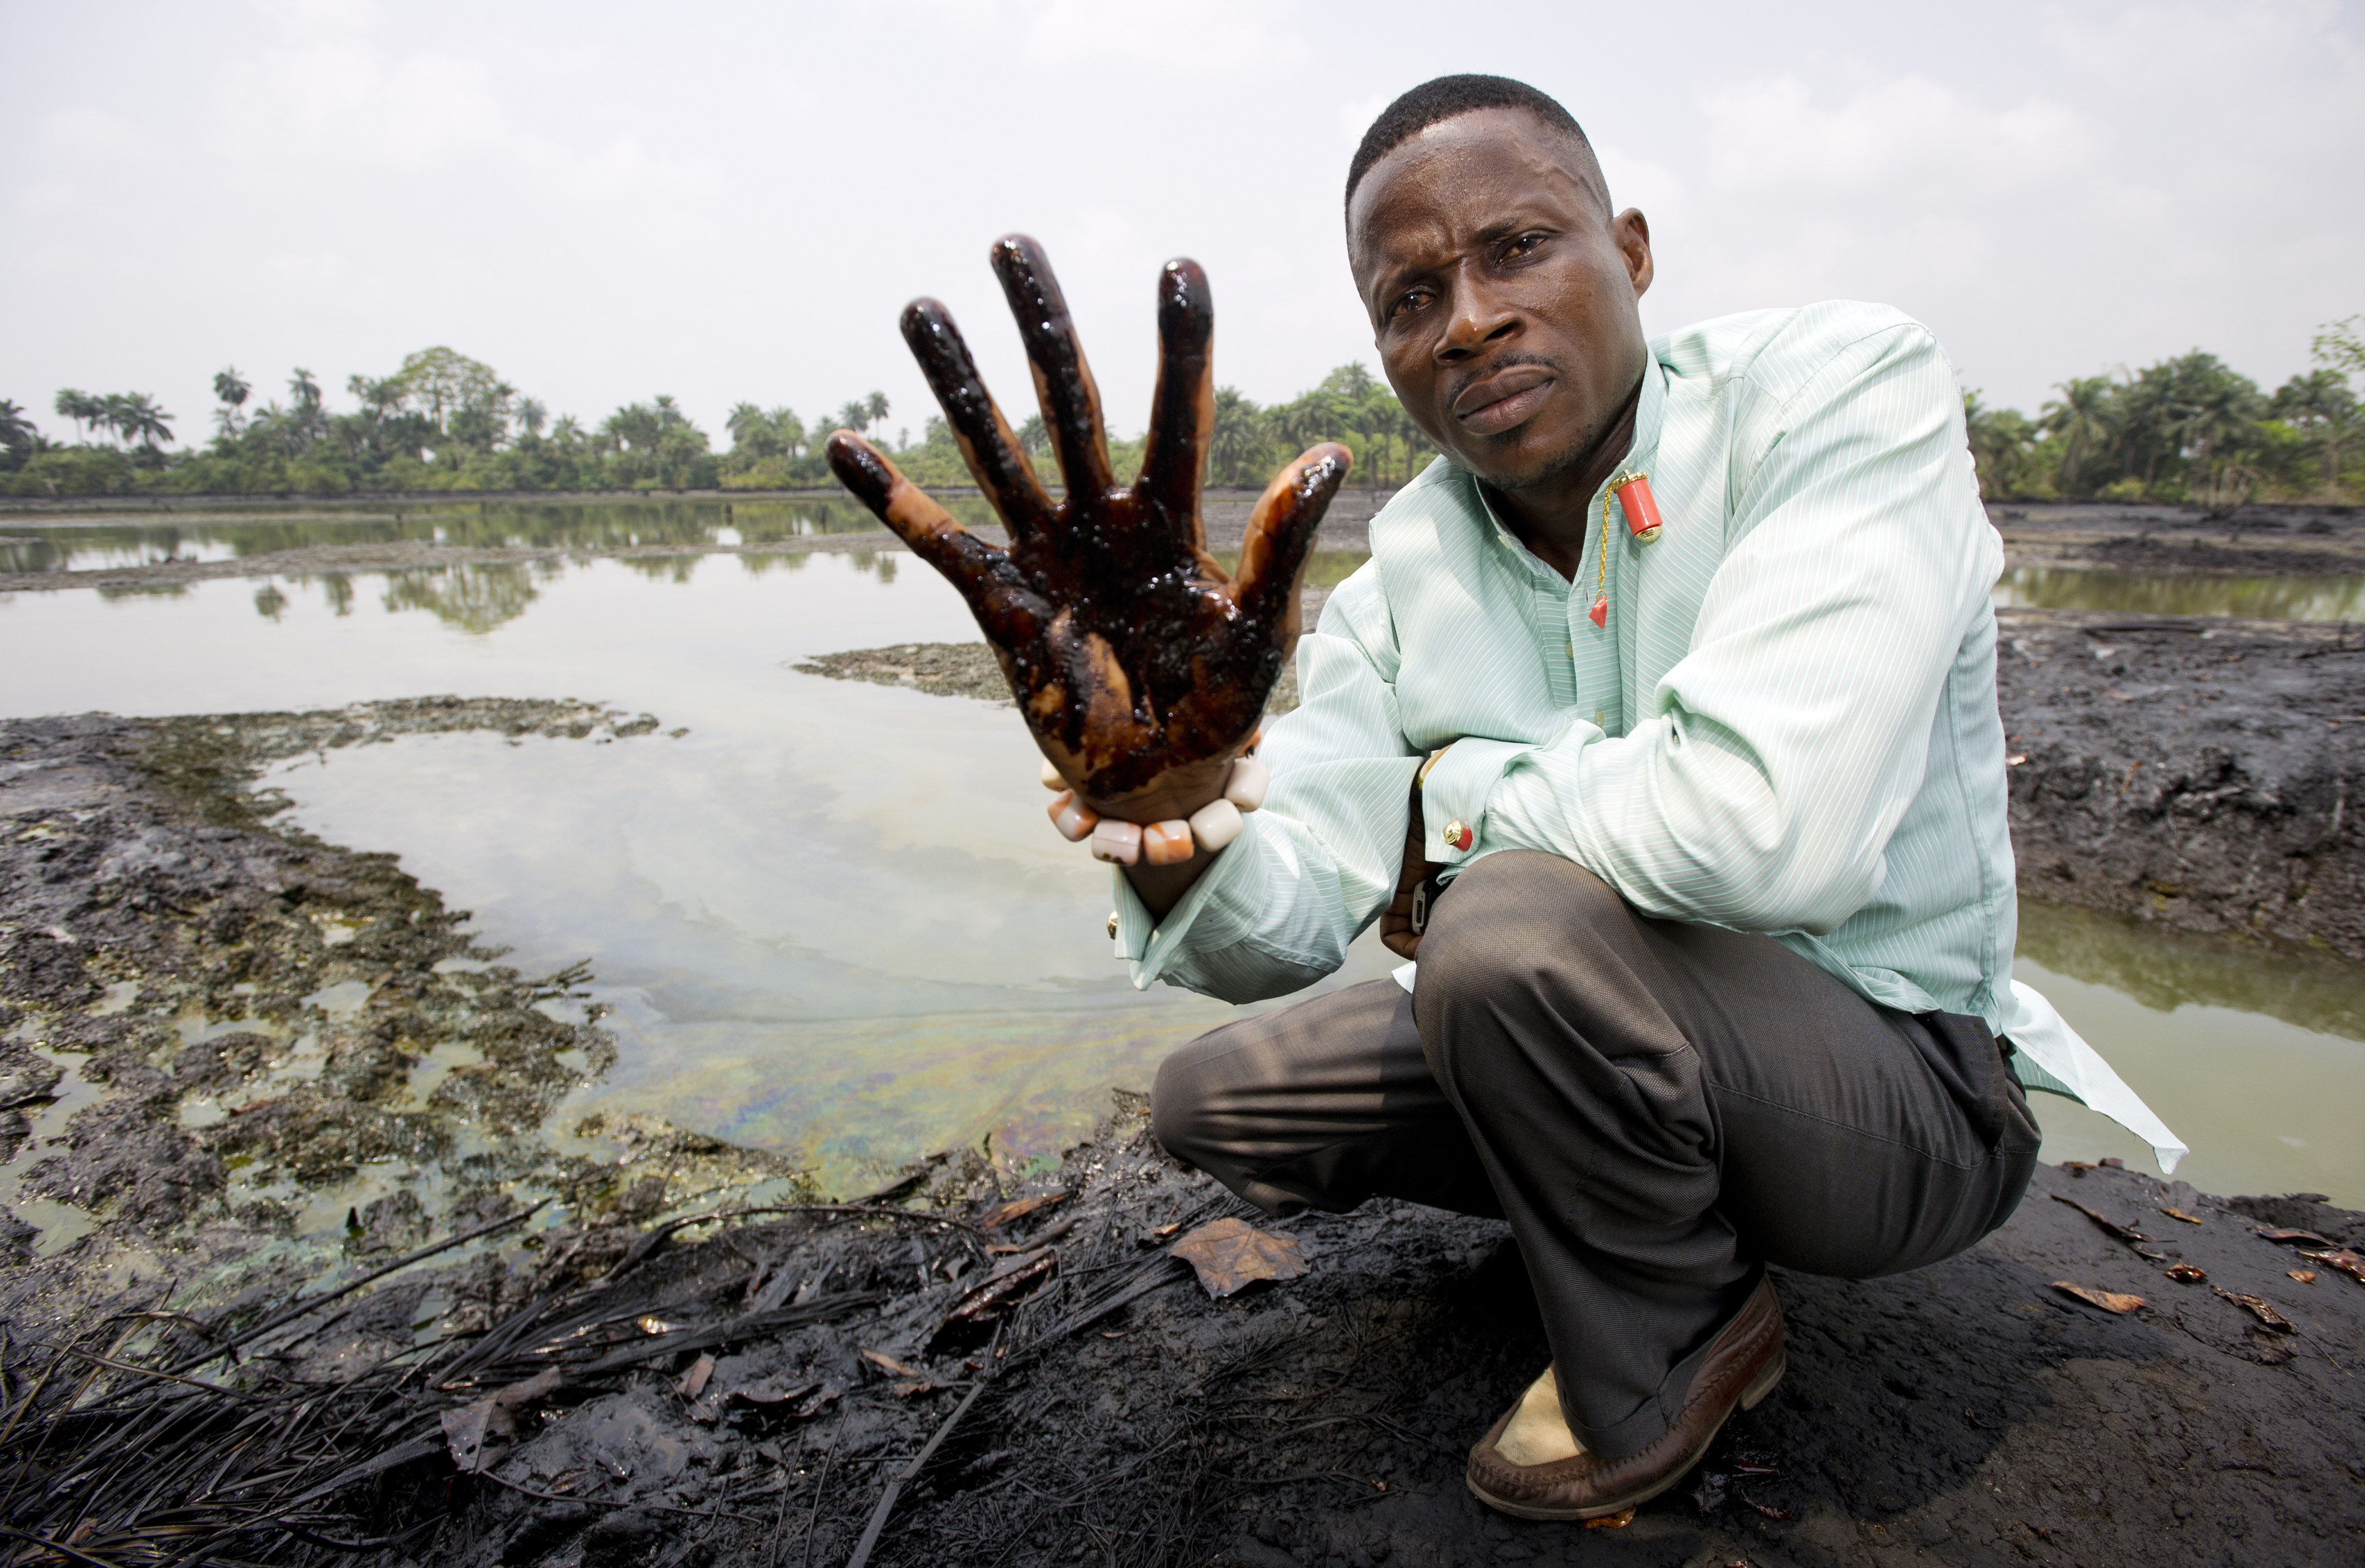 Povo Ogoni na Nigéria foi fortemente impactado pela Shell